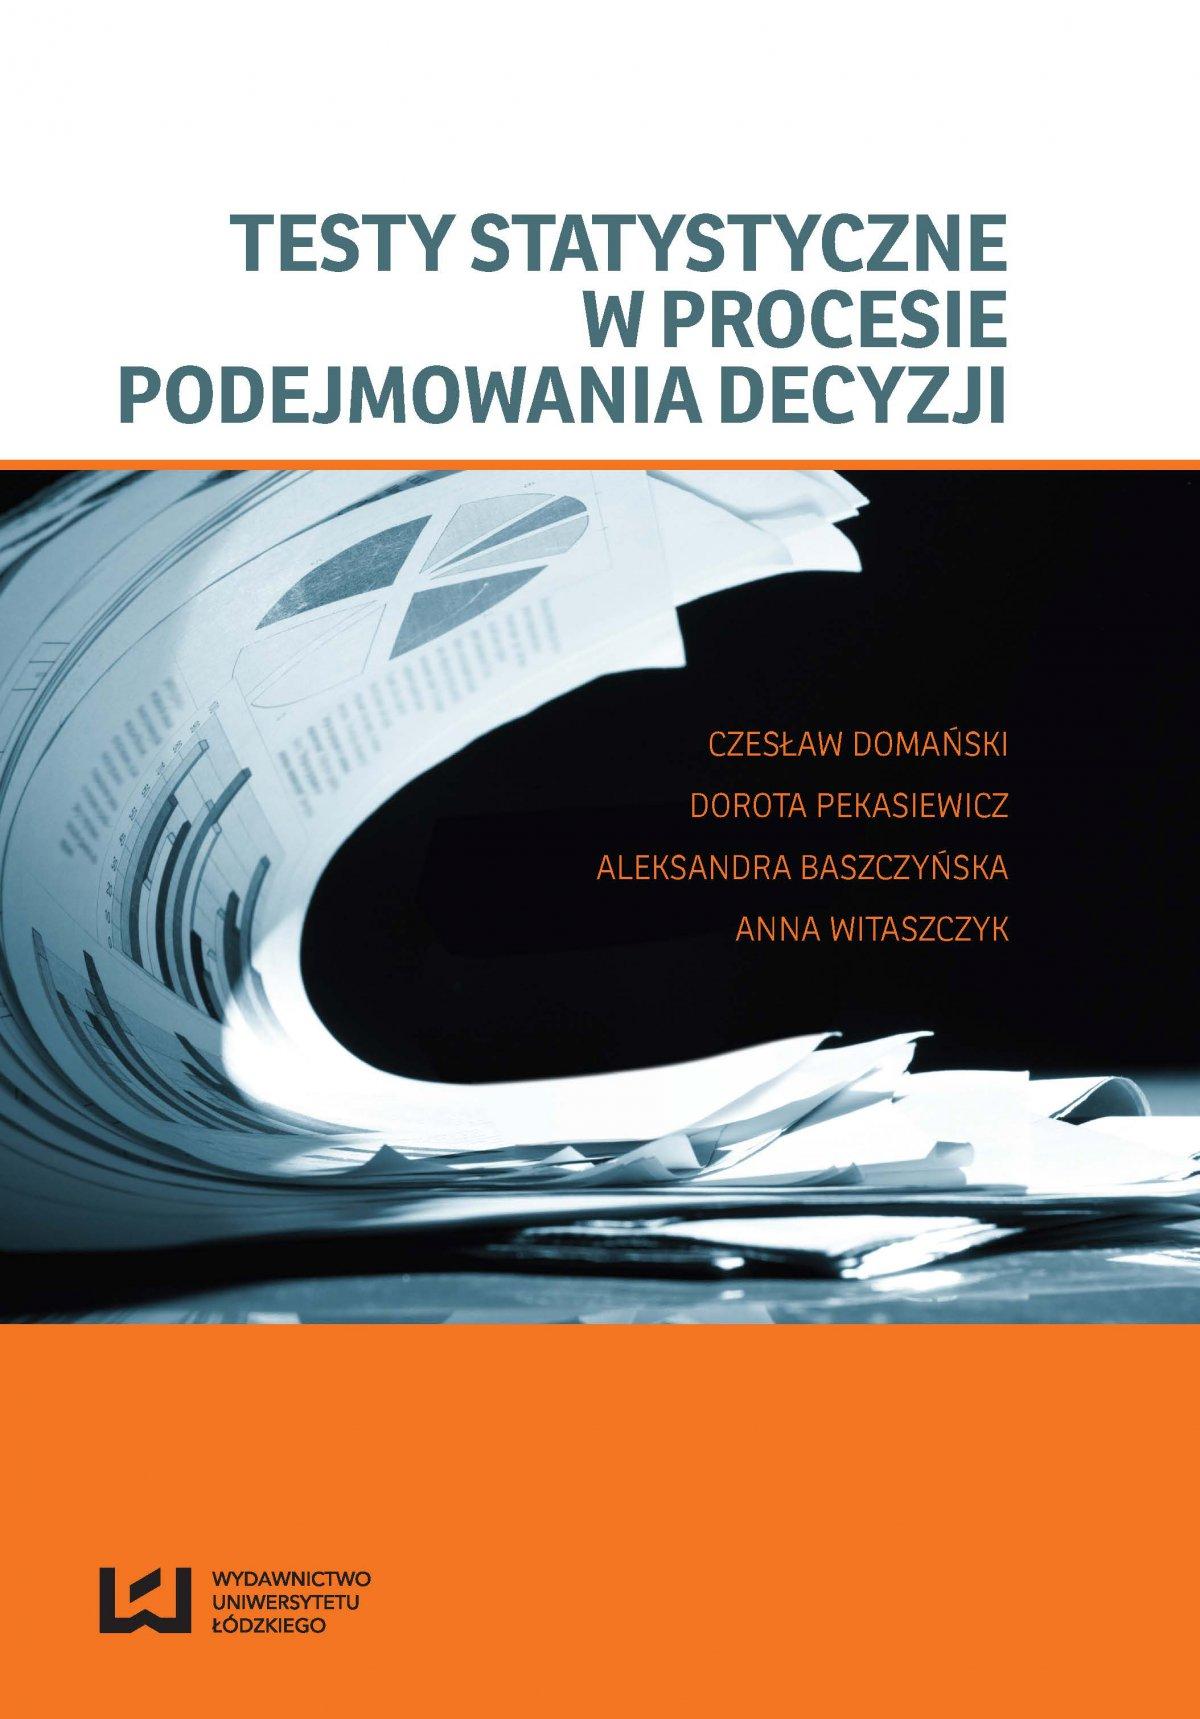 Testy statystyczne w procesie podejmowania decyzji - Ebook (Książka PDF) do pobrania w formacie PDF